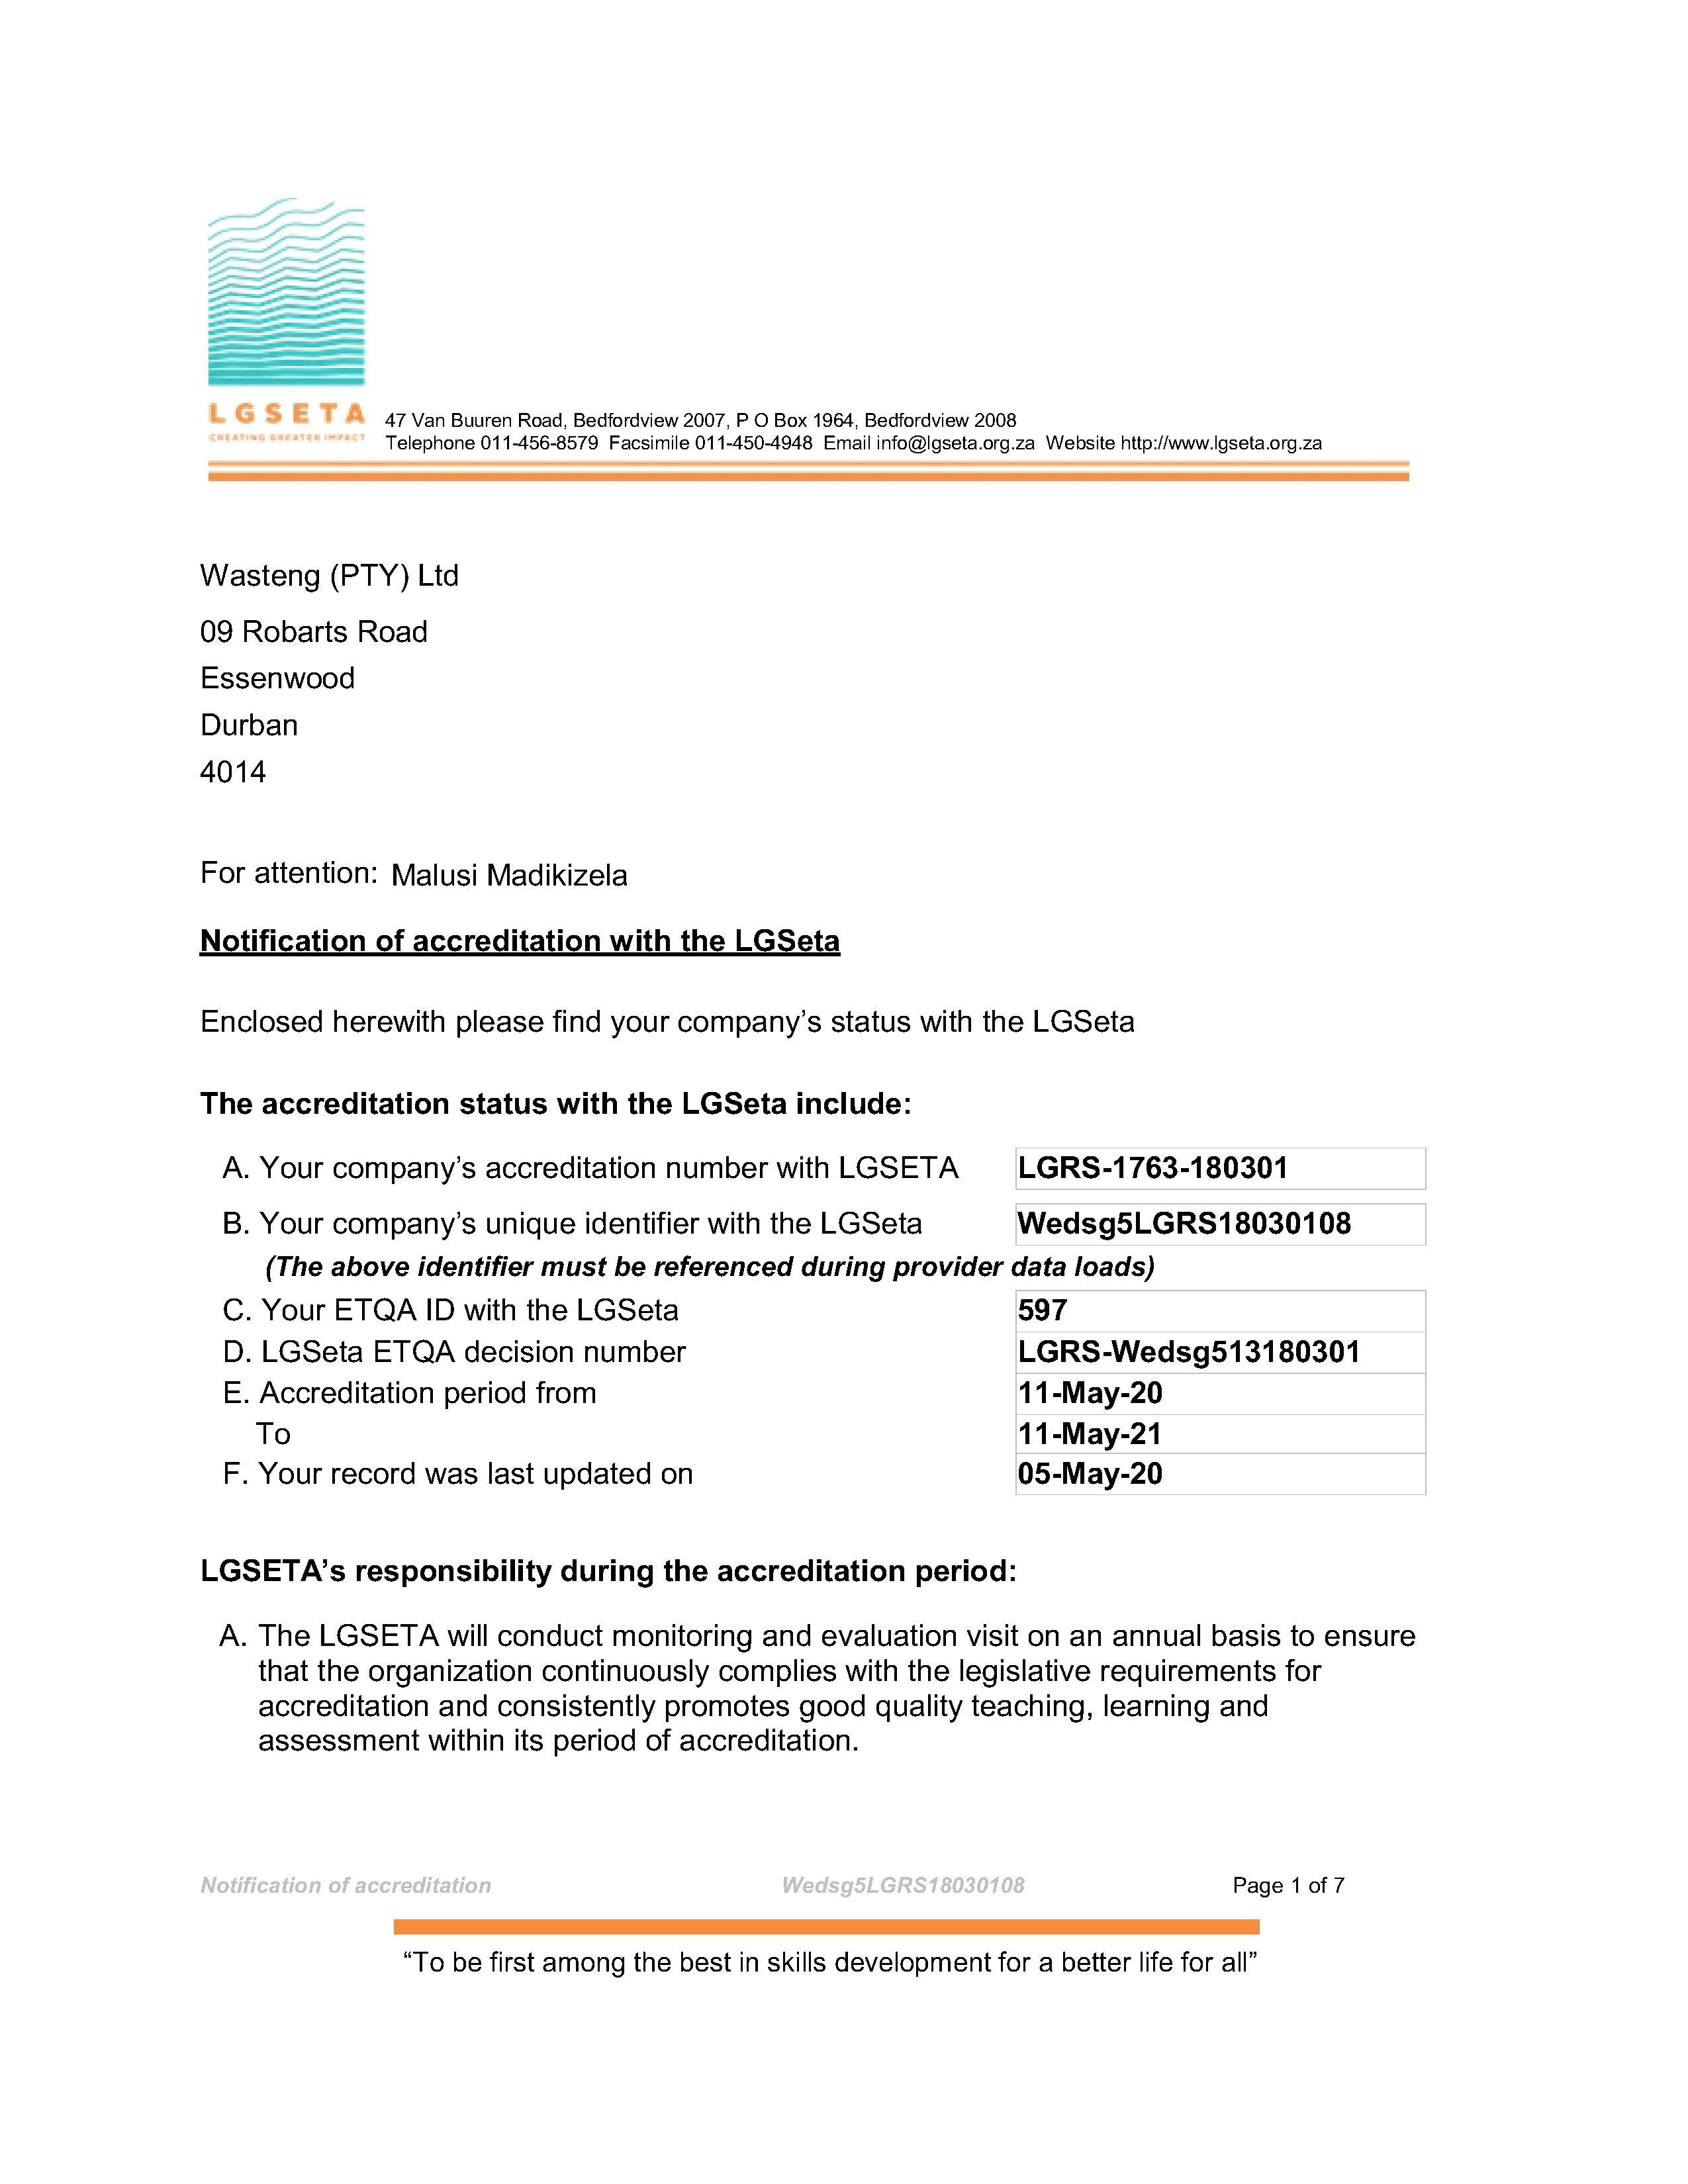 LGSETA ACCREDITATION 11 MAY 2021_Page_1